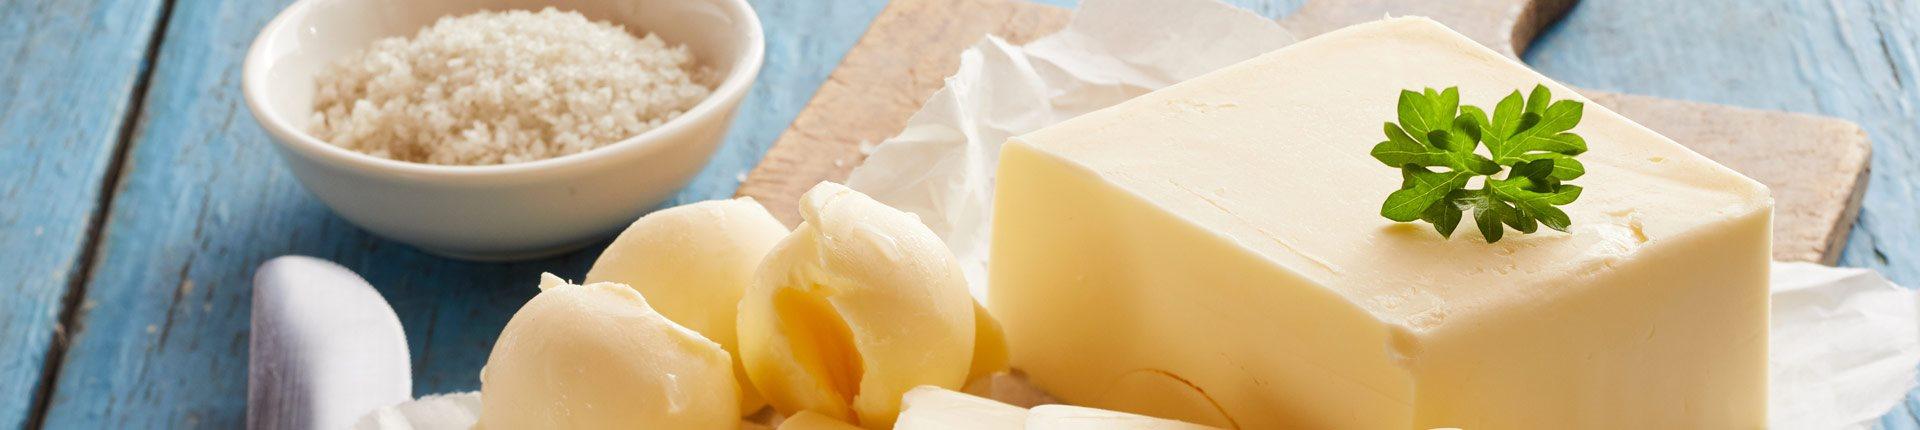 Wegańskie zamienniki masła, wpływ tłuszczów na zdrowie